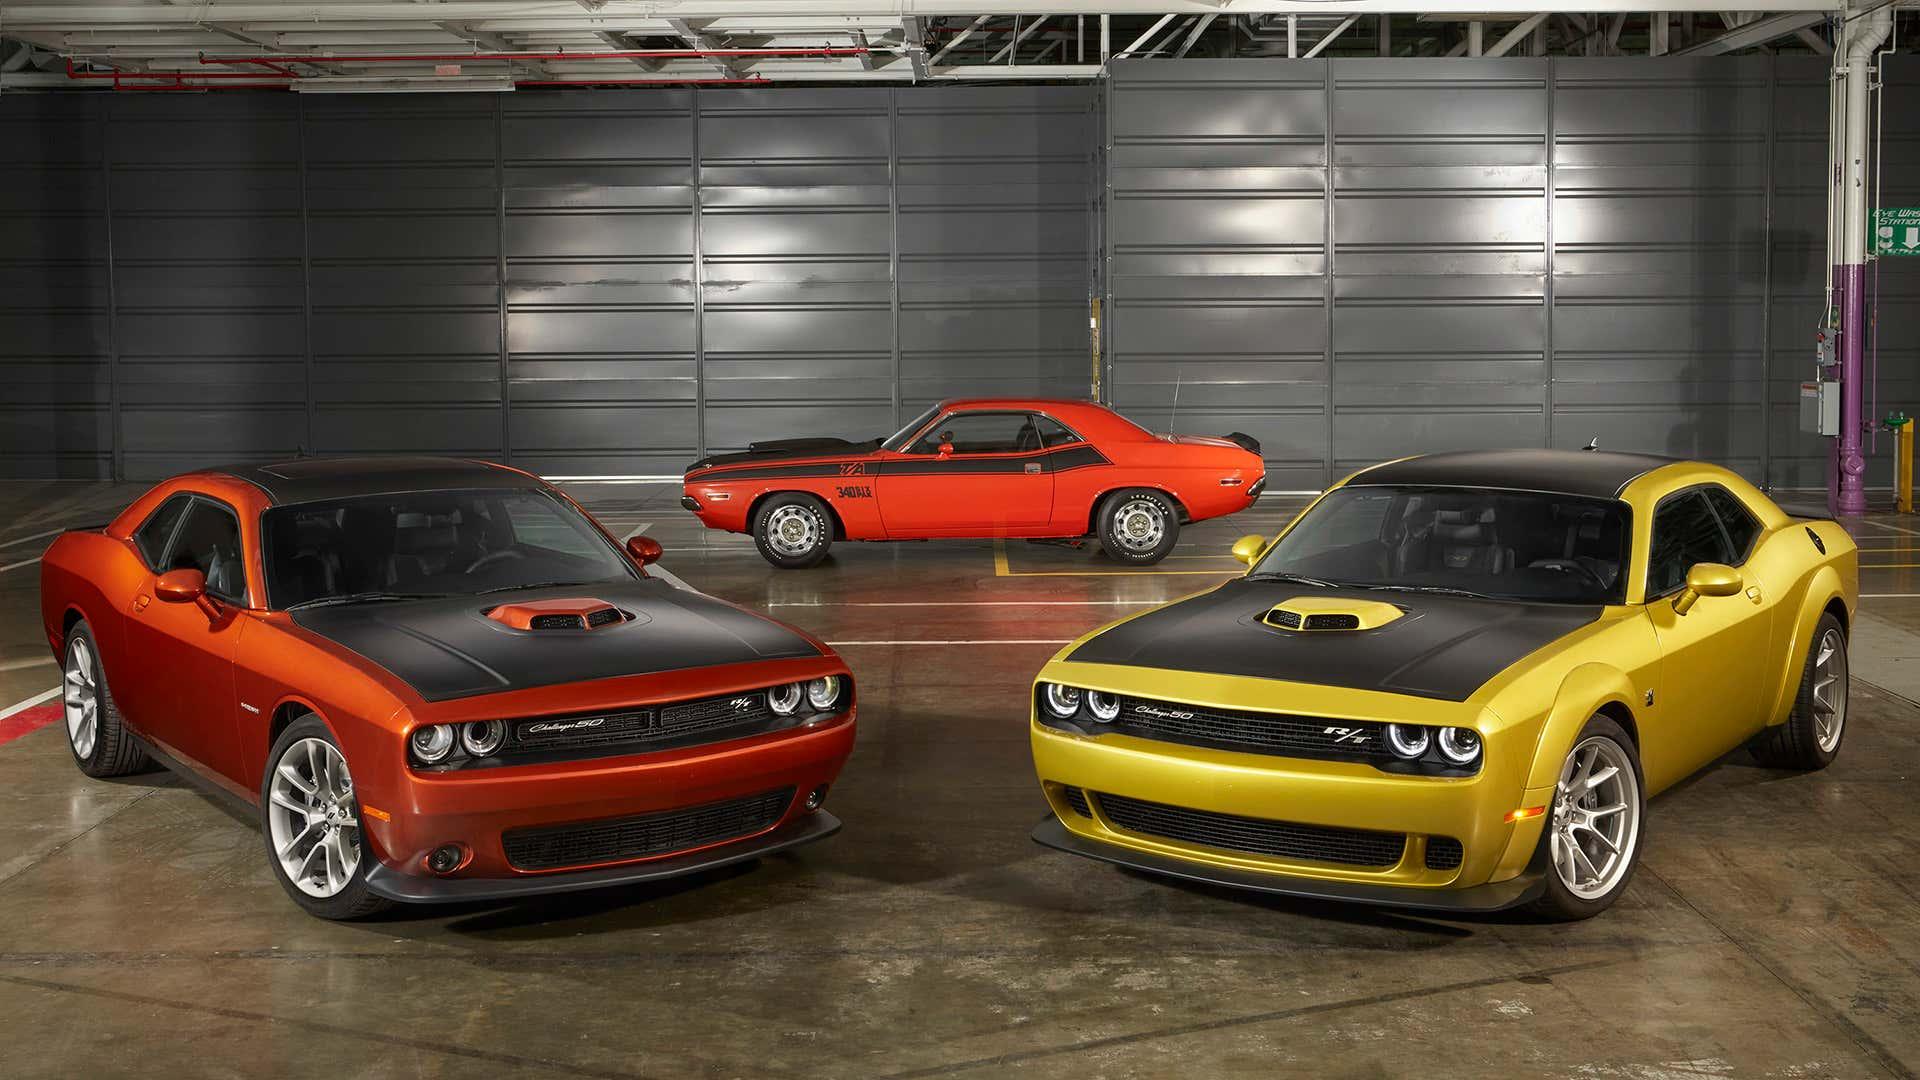 An assortment of Dodge Challengers.